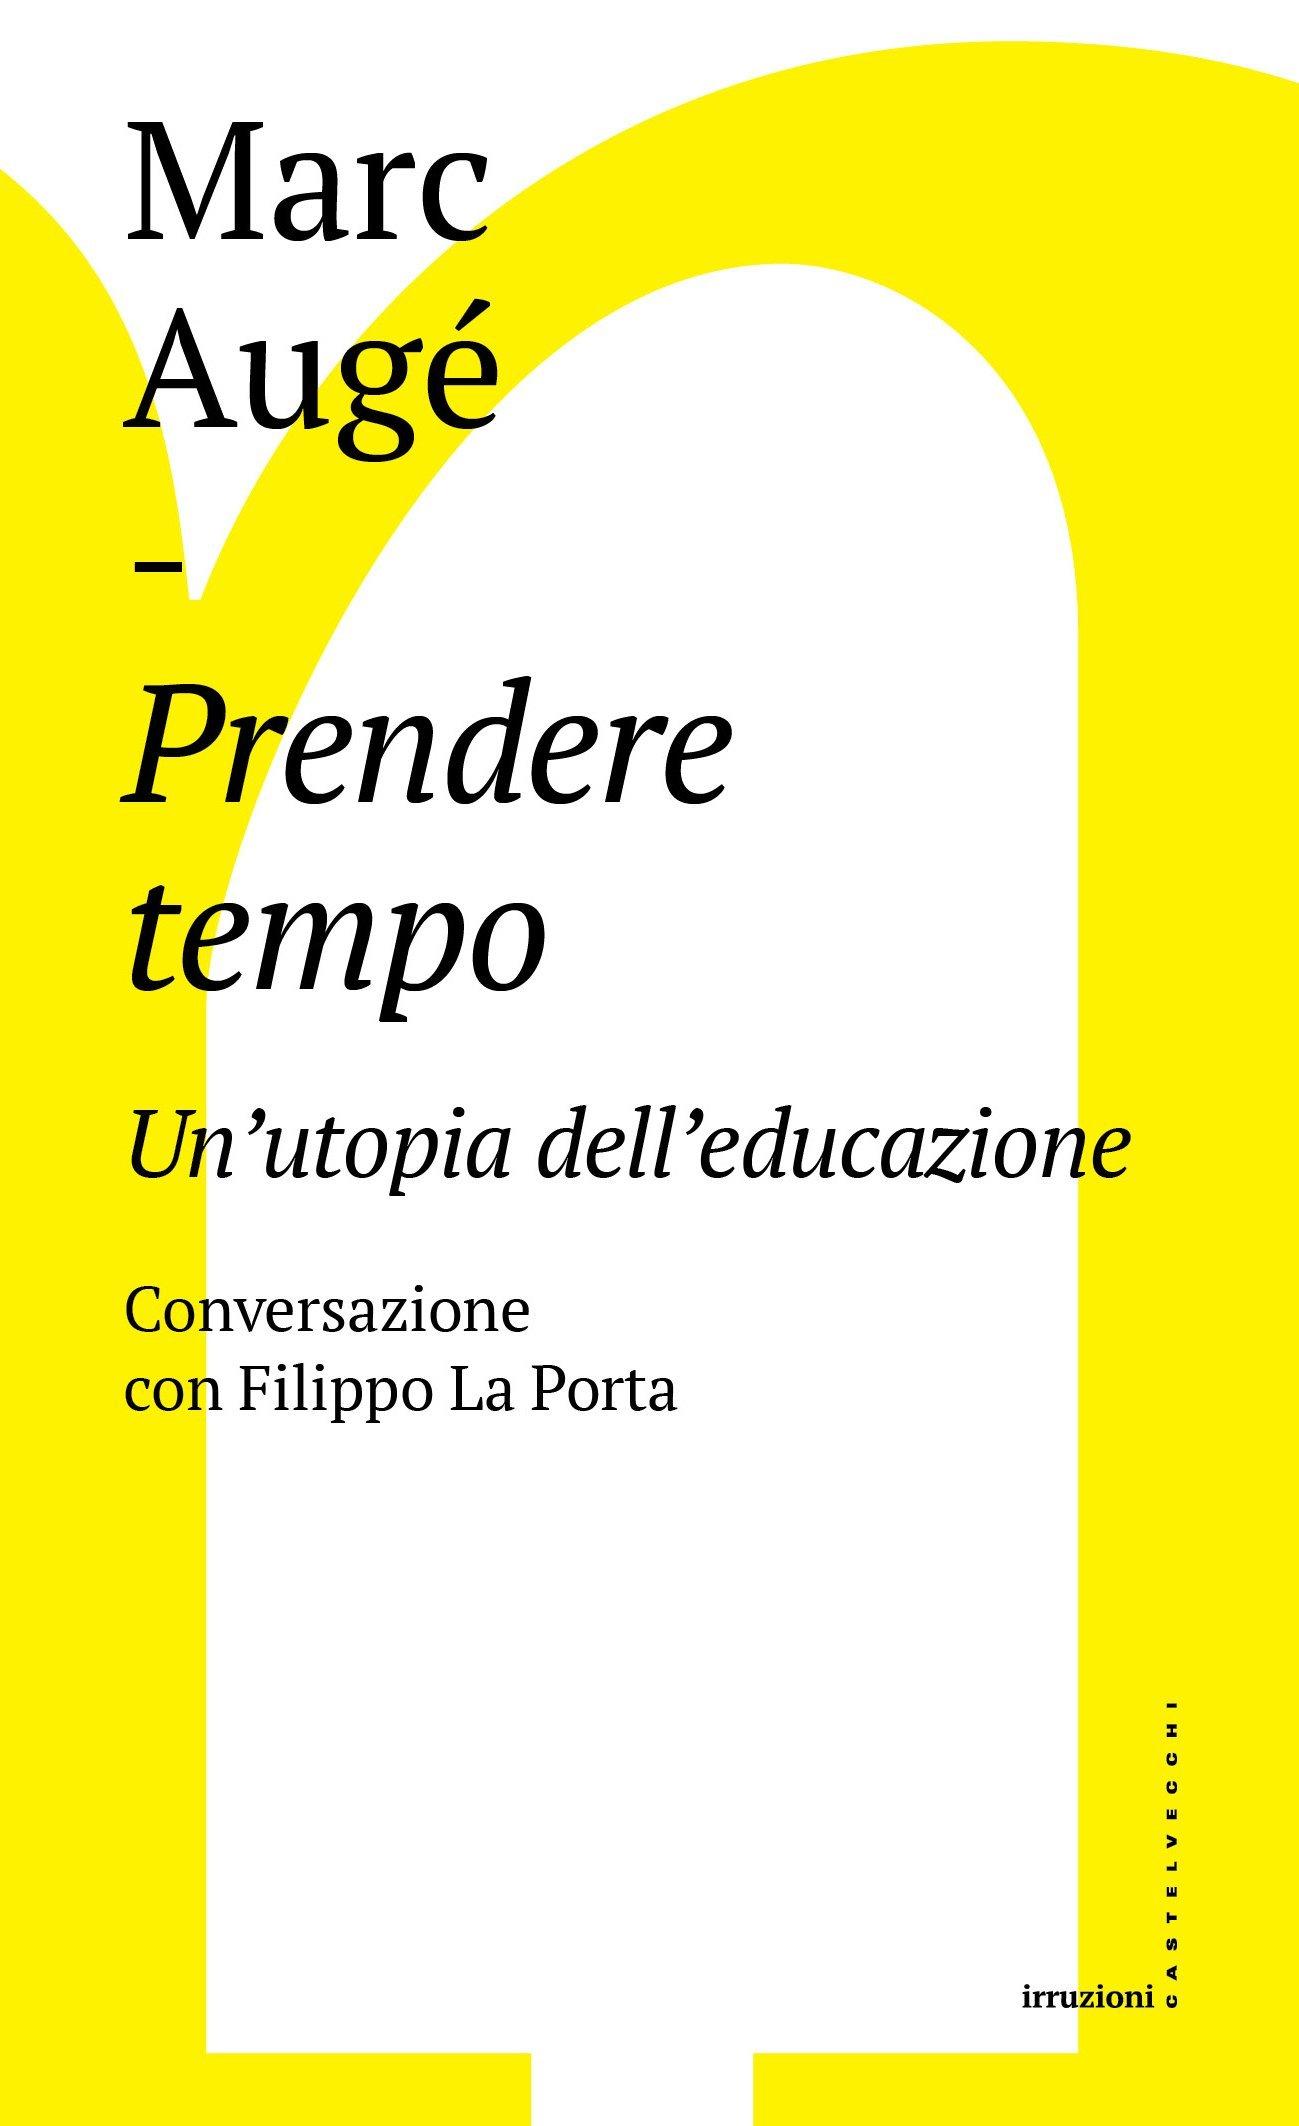 Prendere tempo. Un'utopia dell'educazione. Conversazione con Filippo La Porta Copertina flessibile – 26 mag 2016 Marc Augé C. Guarnieri Castelvecchi 8869445720